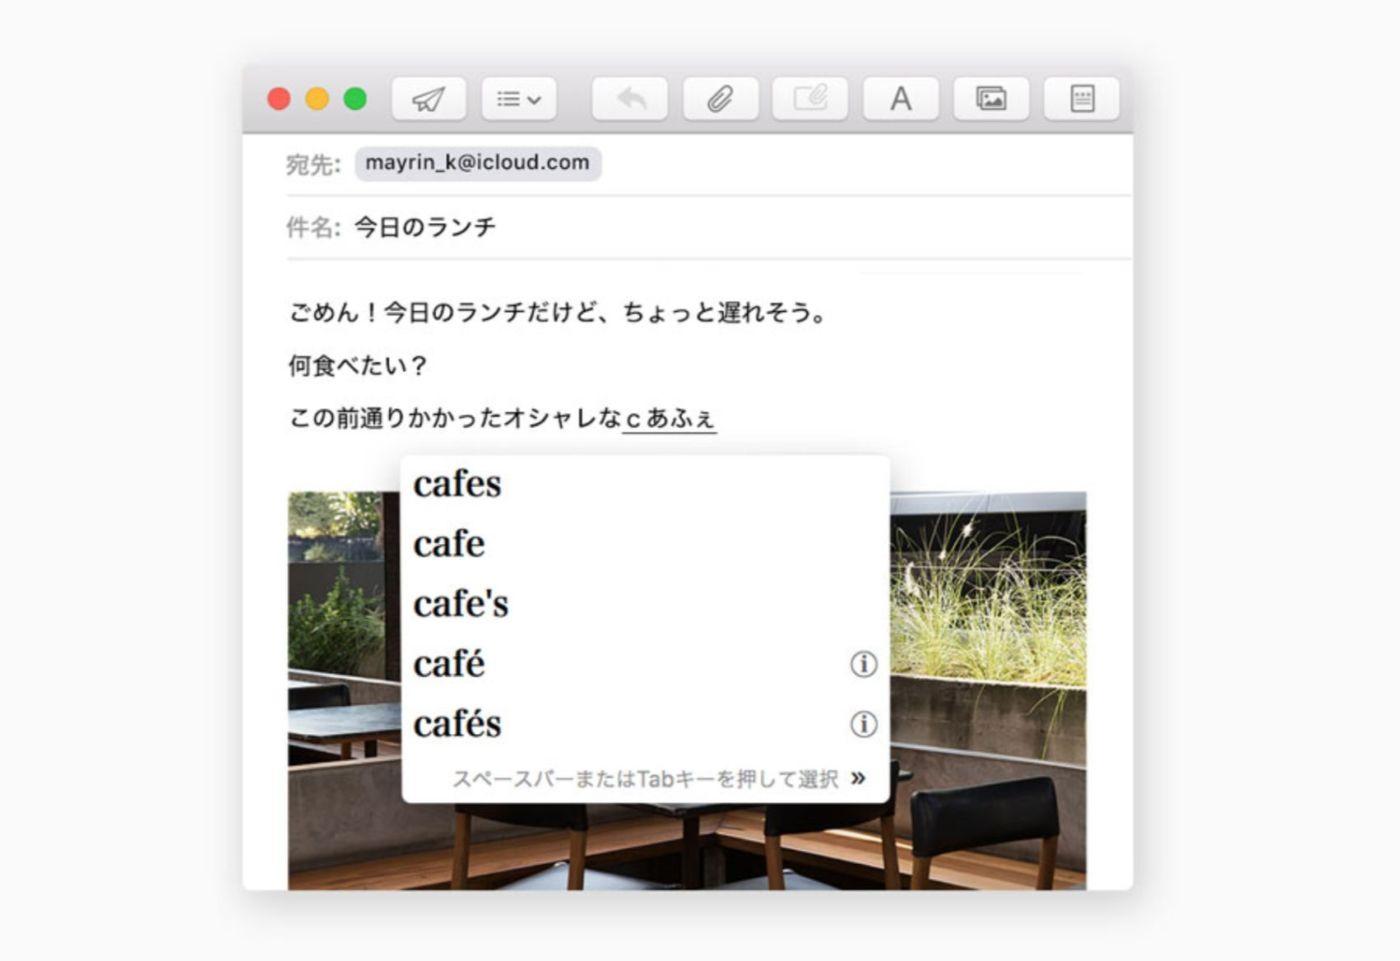 macOS High Sierra 10.13 ライブ変換